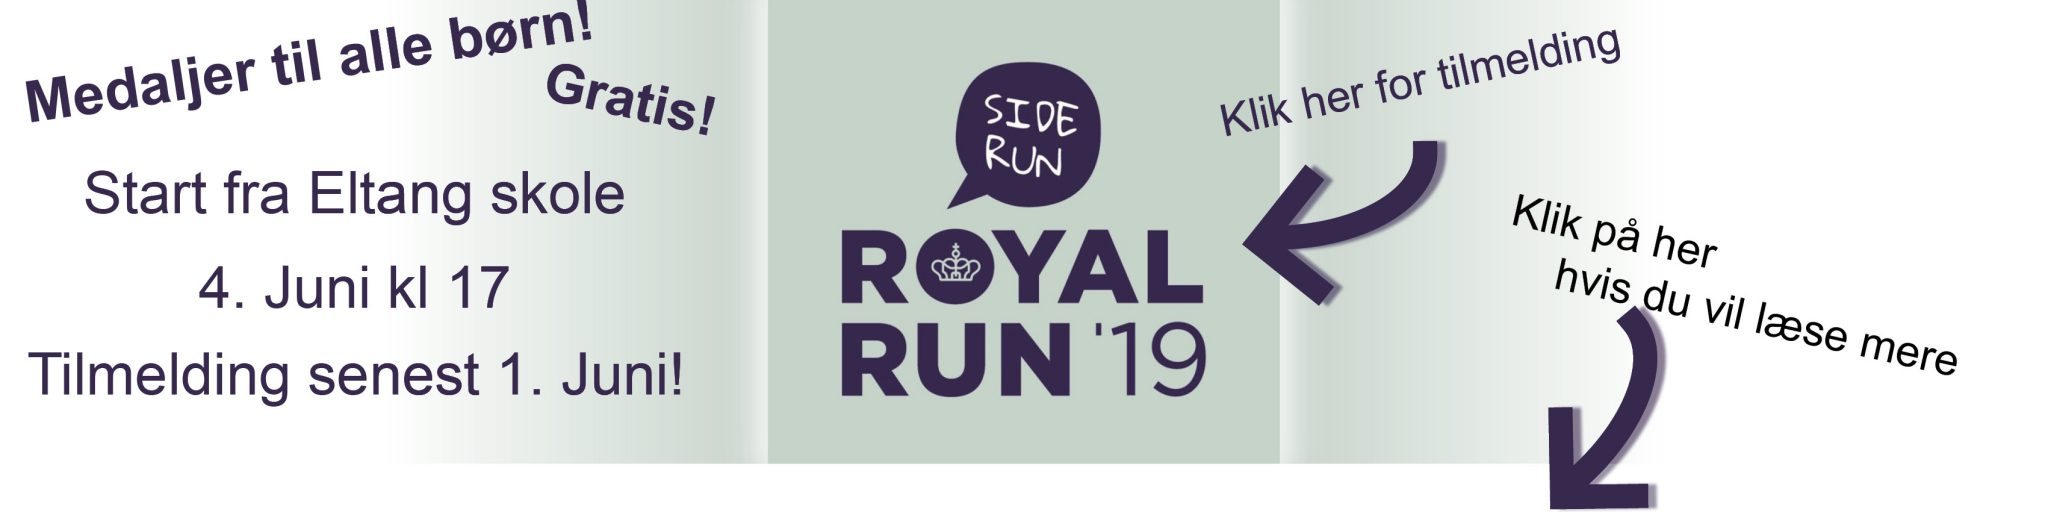 Royal run banner